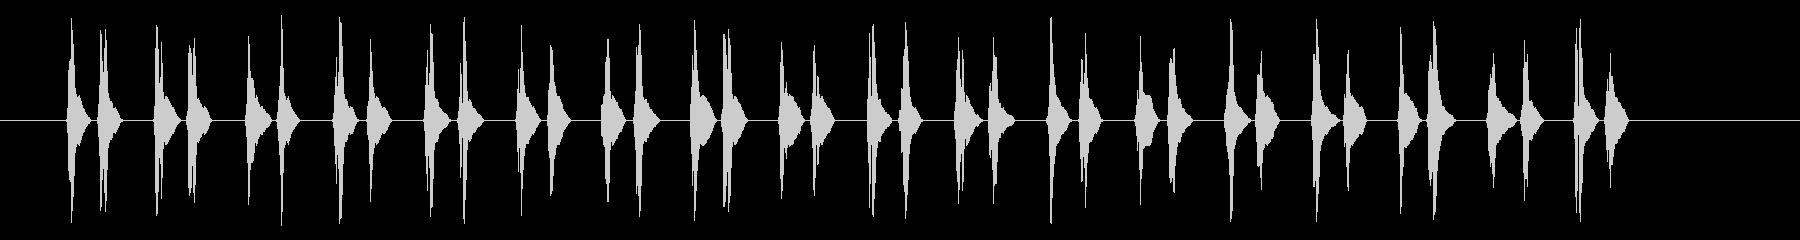 ハートビート3とても速いの未再生の波形